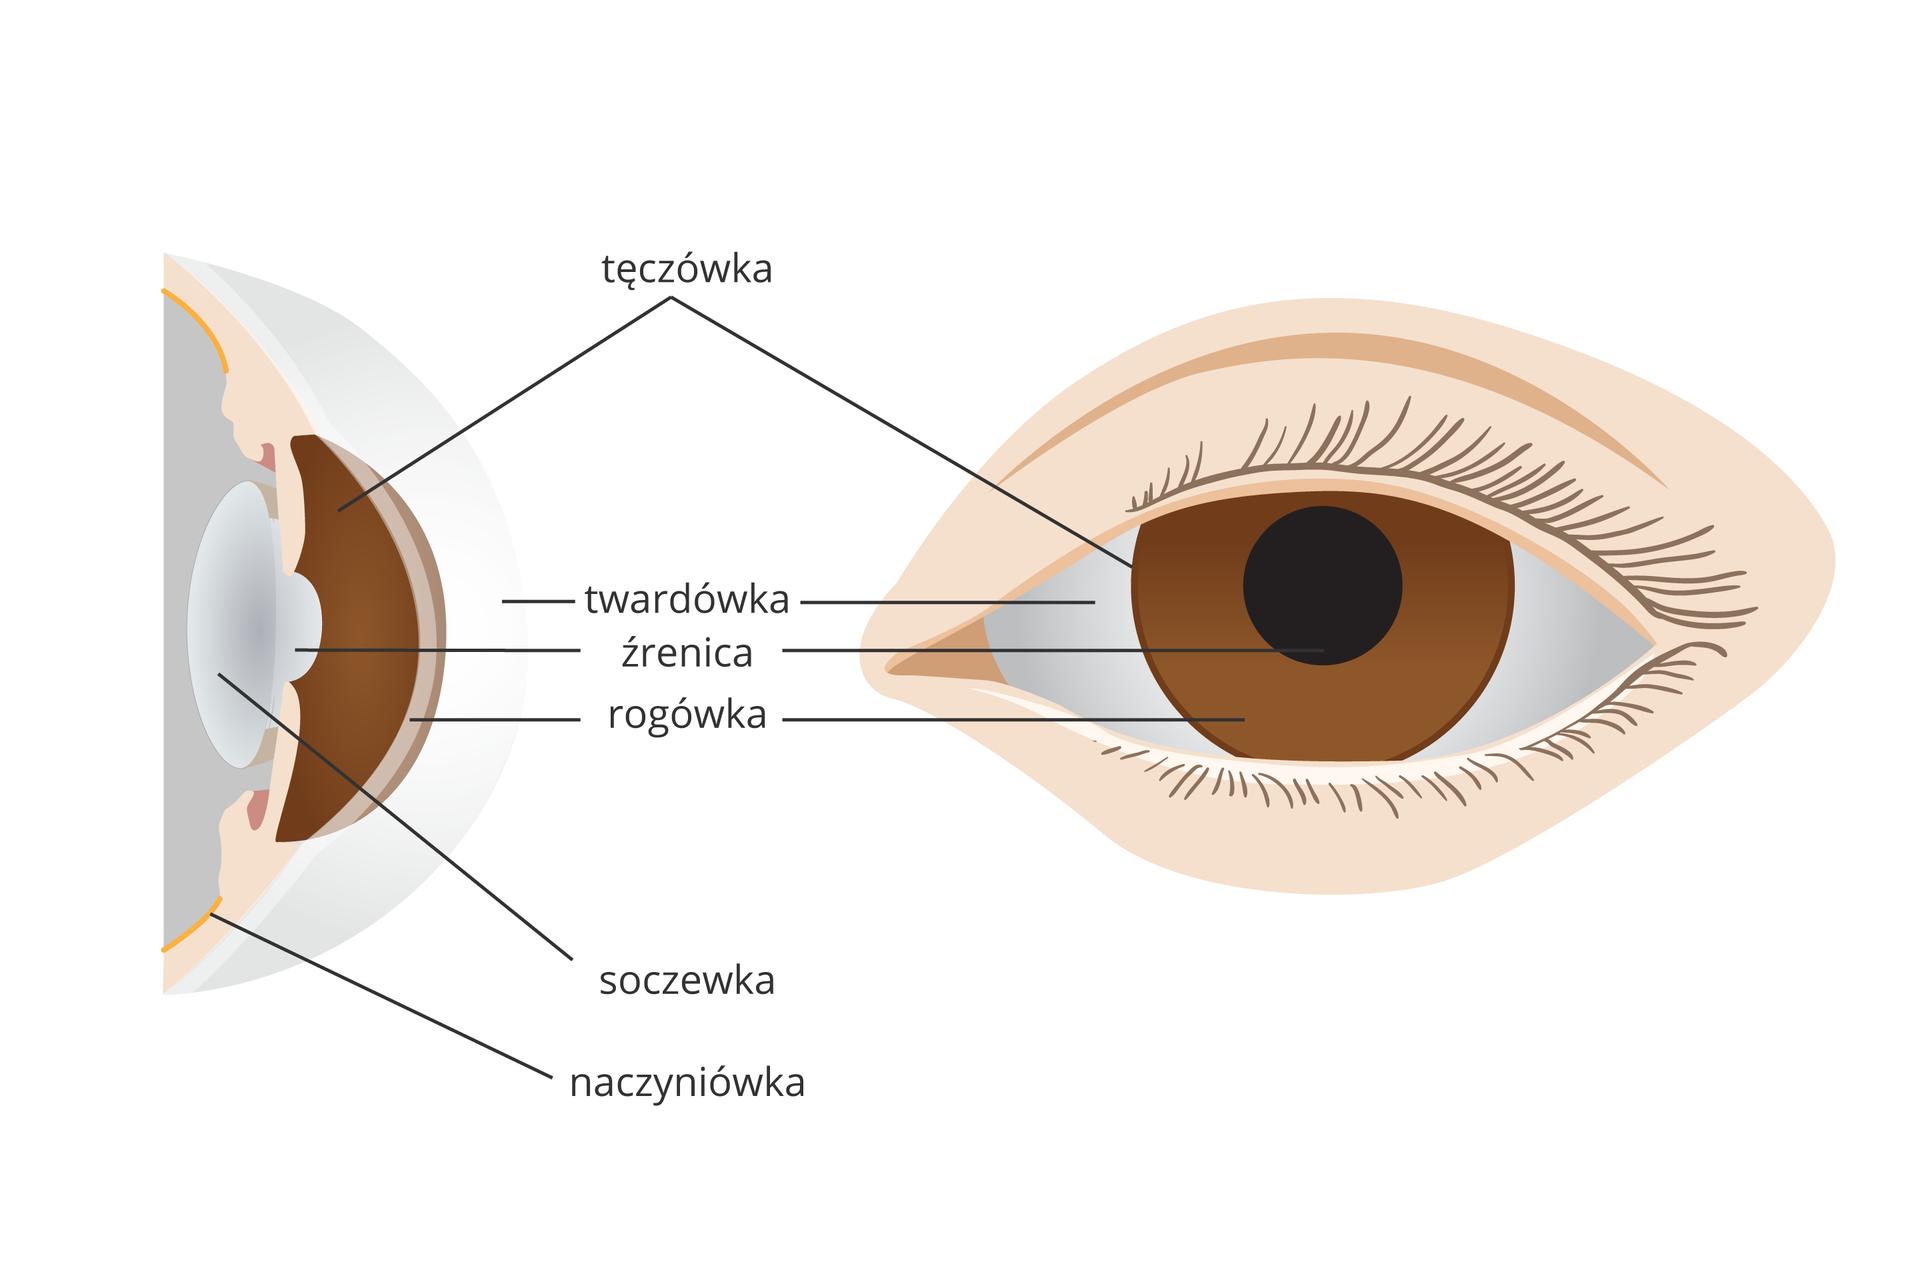 Ilustracja składa się zdwóch rysunków przedniej części oka. Zlewej przekrój pionowy, zprawej widok zprzodu. Te same części przedstawione tym samym kolorem.